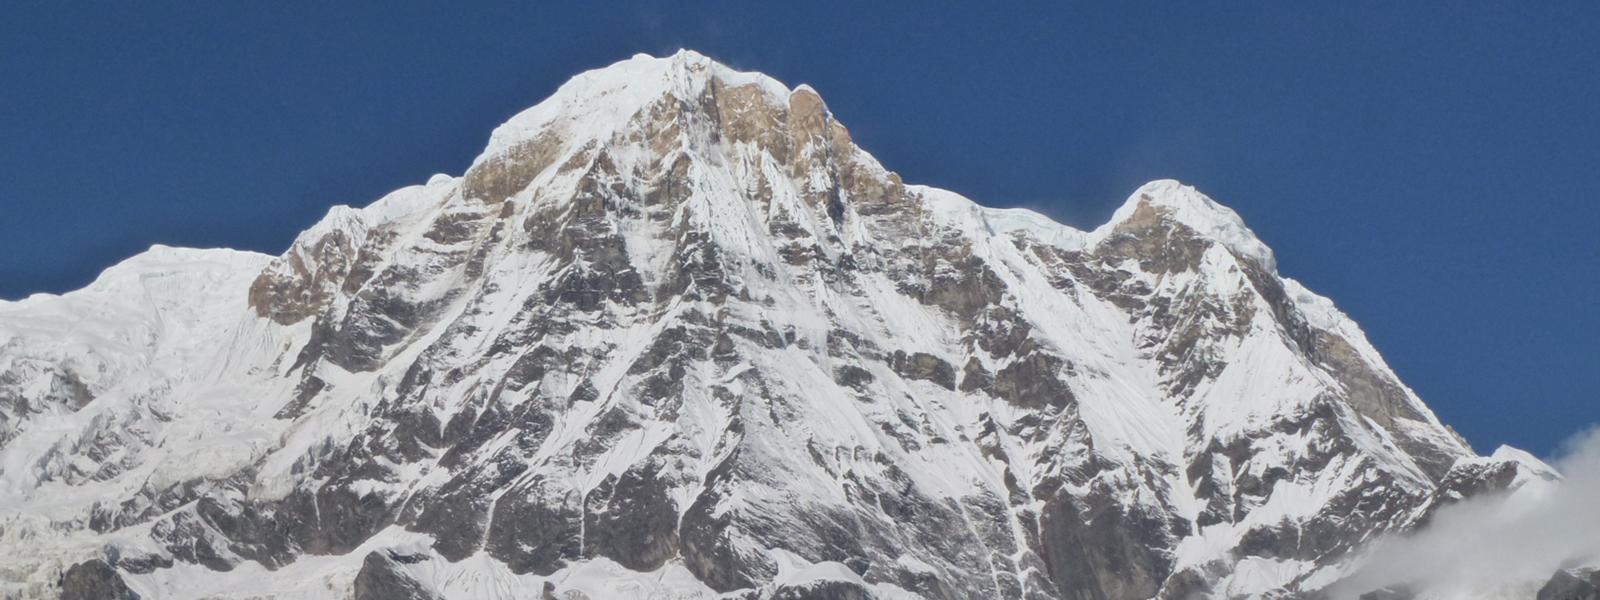 Annapurna Base camp - Sarangkot Trekking